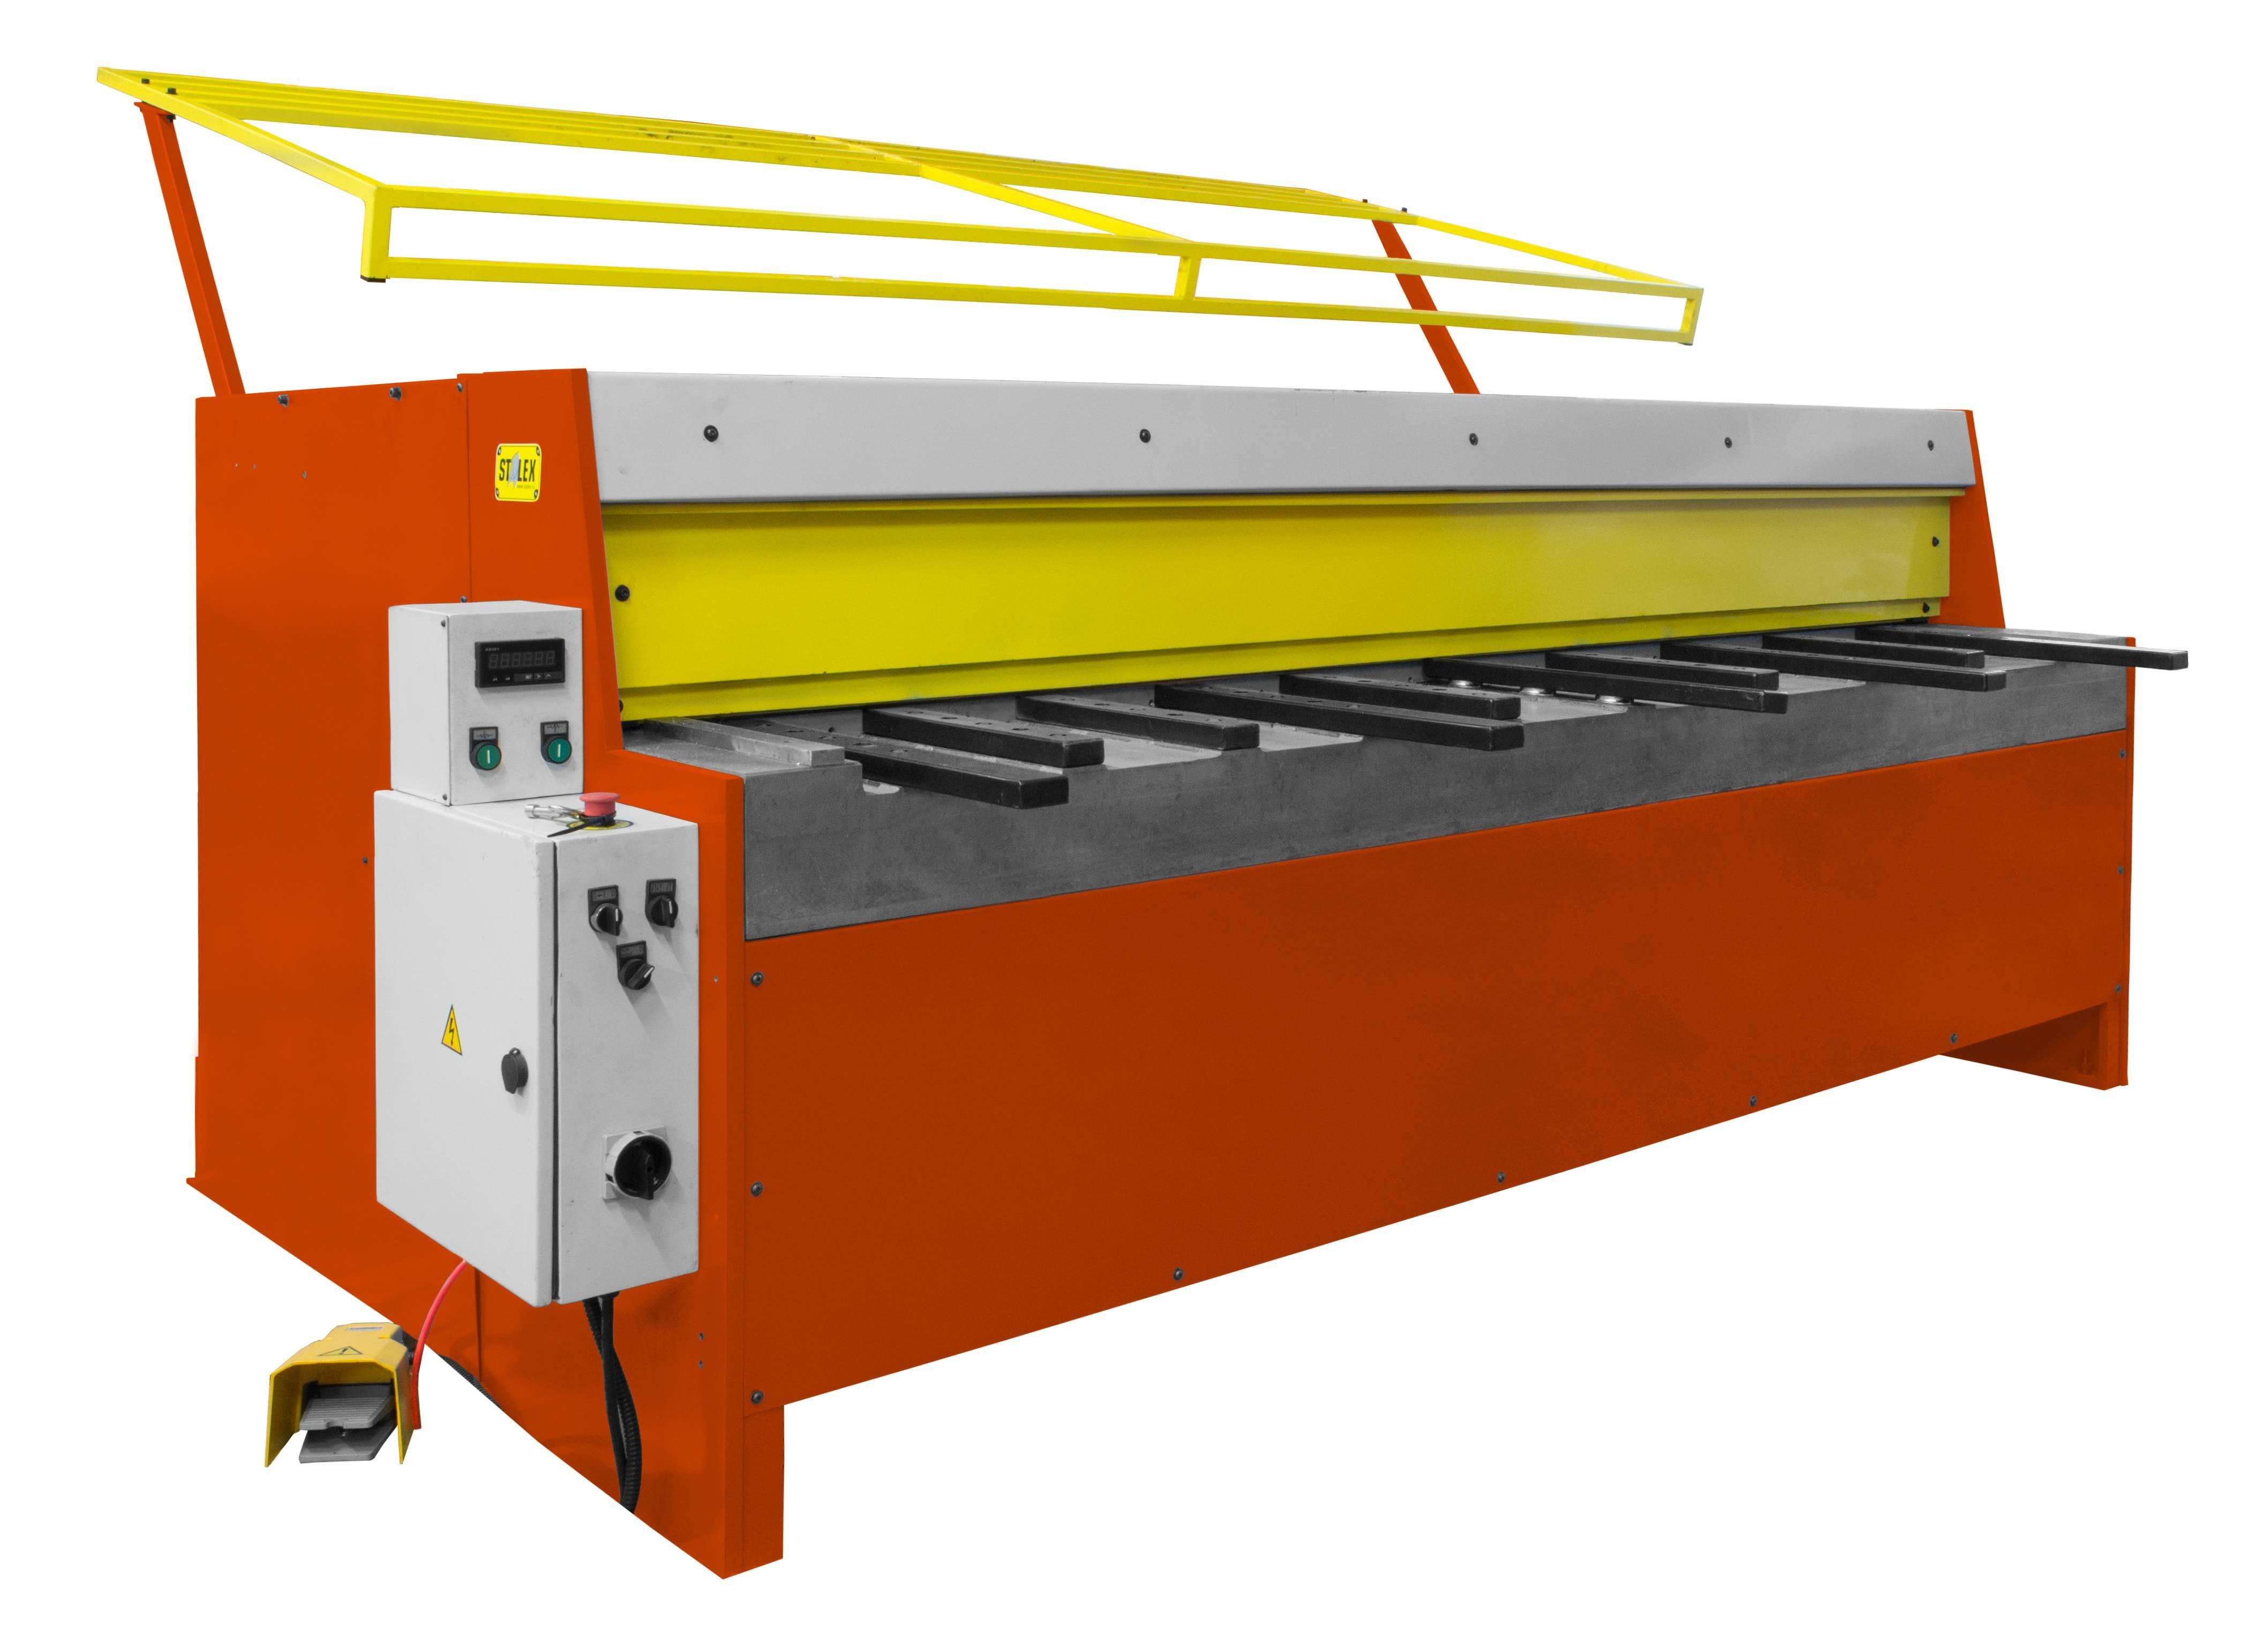 Электромеханические гильотины предназначены для резки металлического листа и широко используются в автомобильной